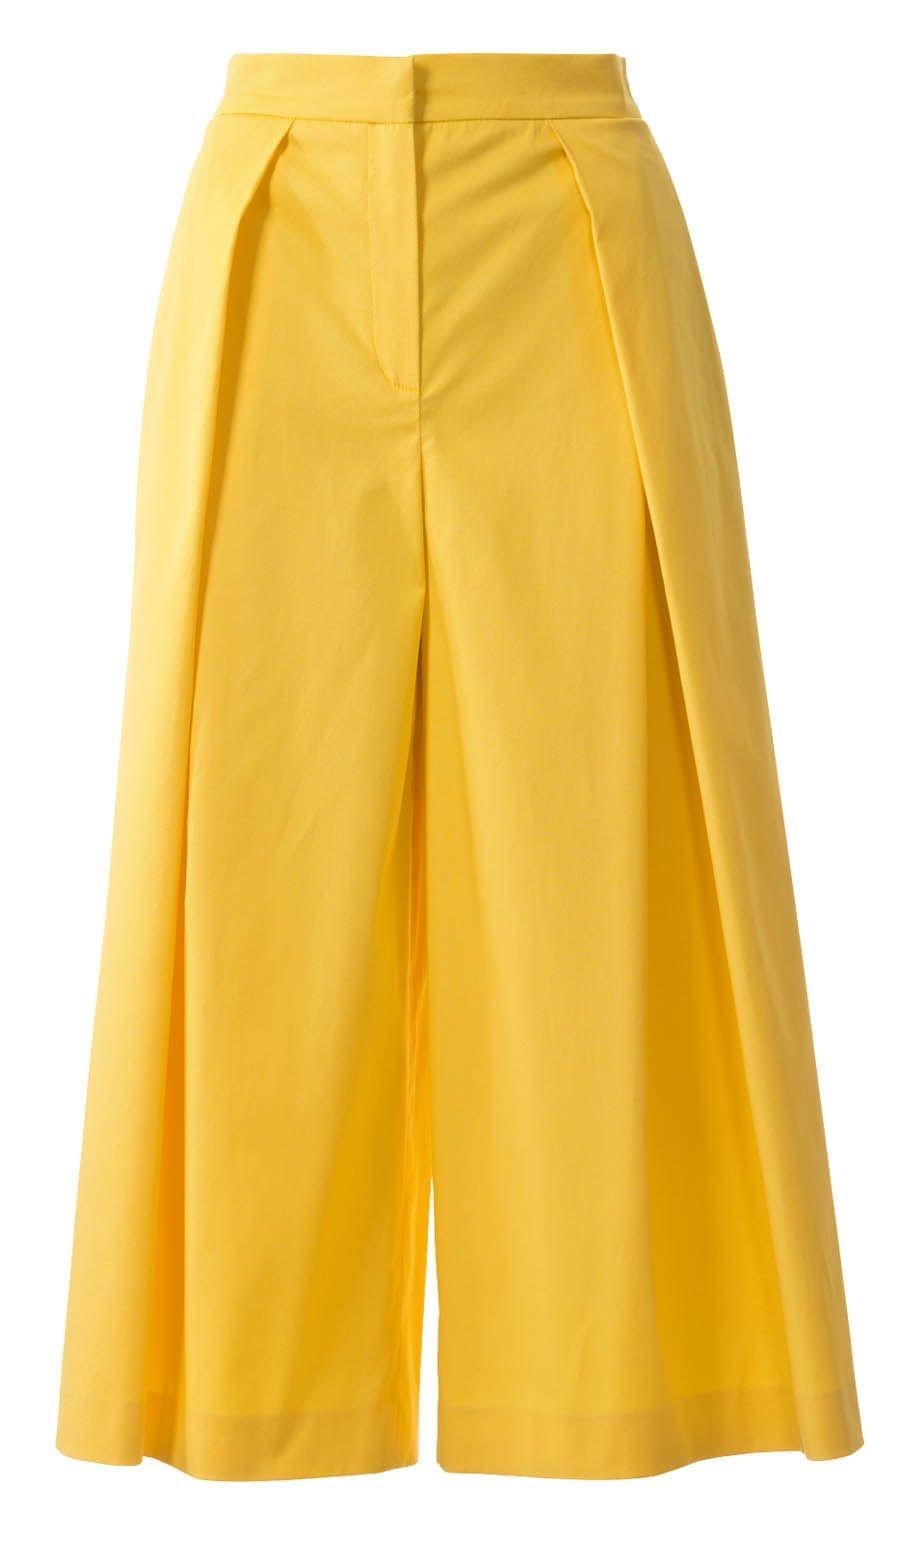 Юбка-брюки | Крой и шитье | Pinterest